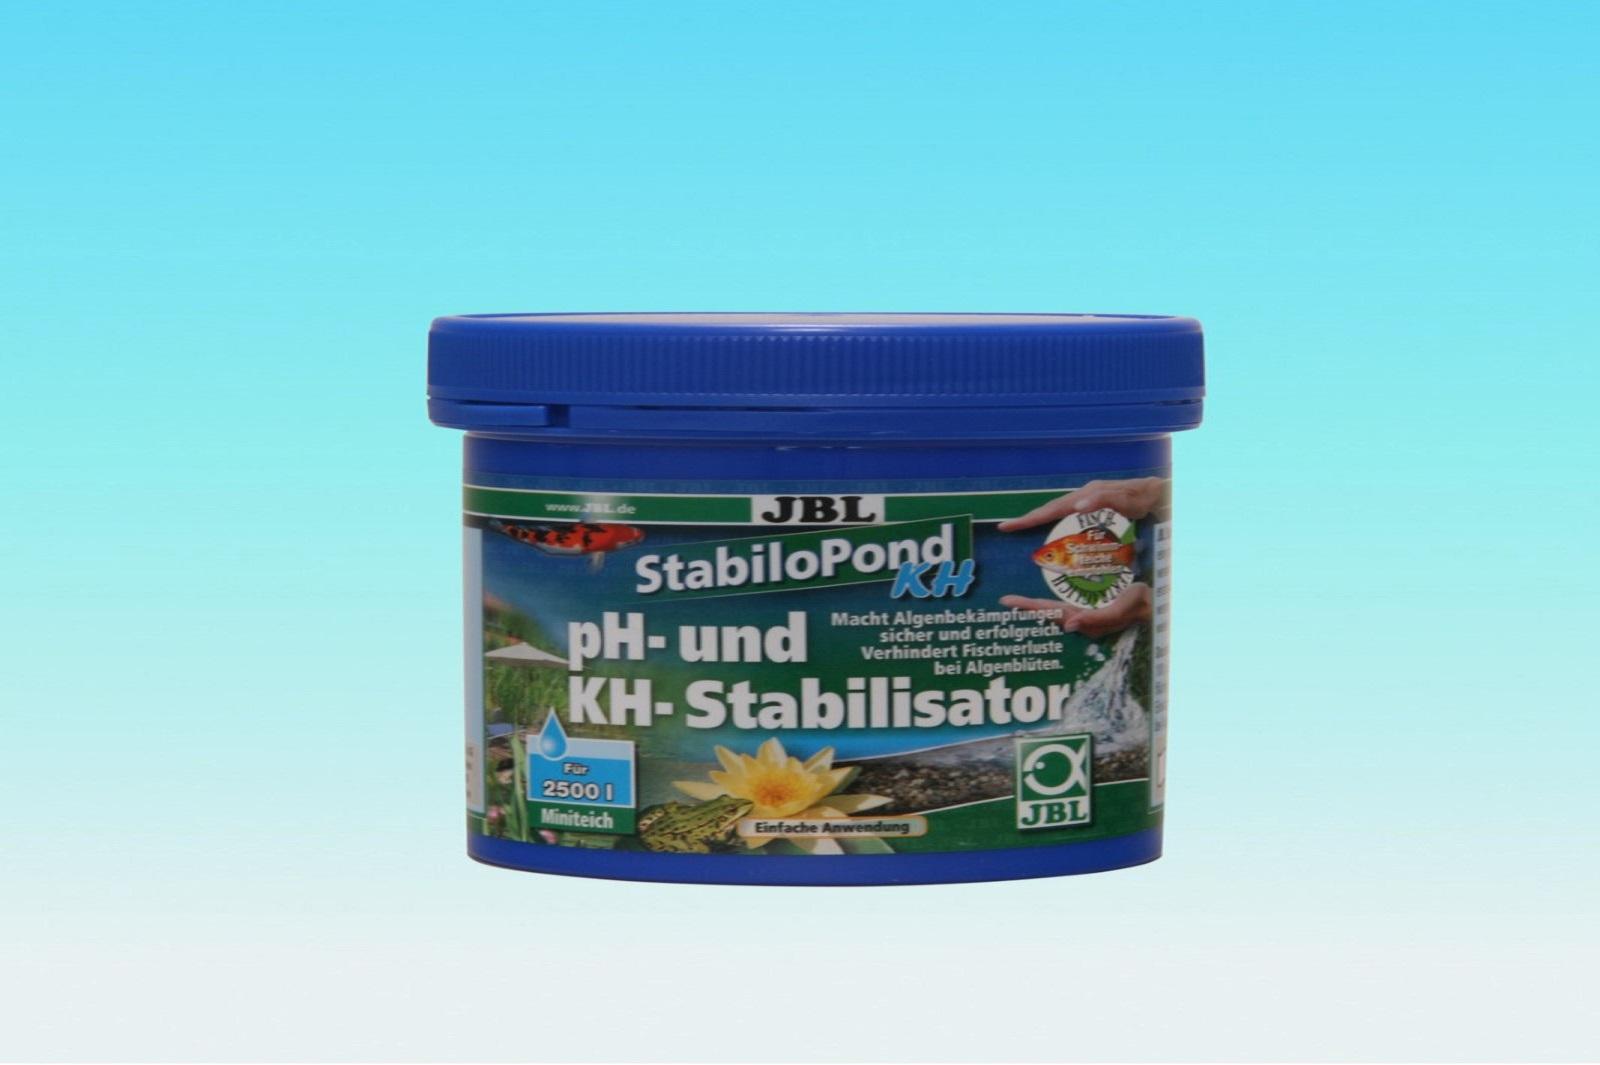 JBL StabiloPond KH 250 g sichere Algenbekämpfung Stabilisator ph + KH